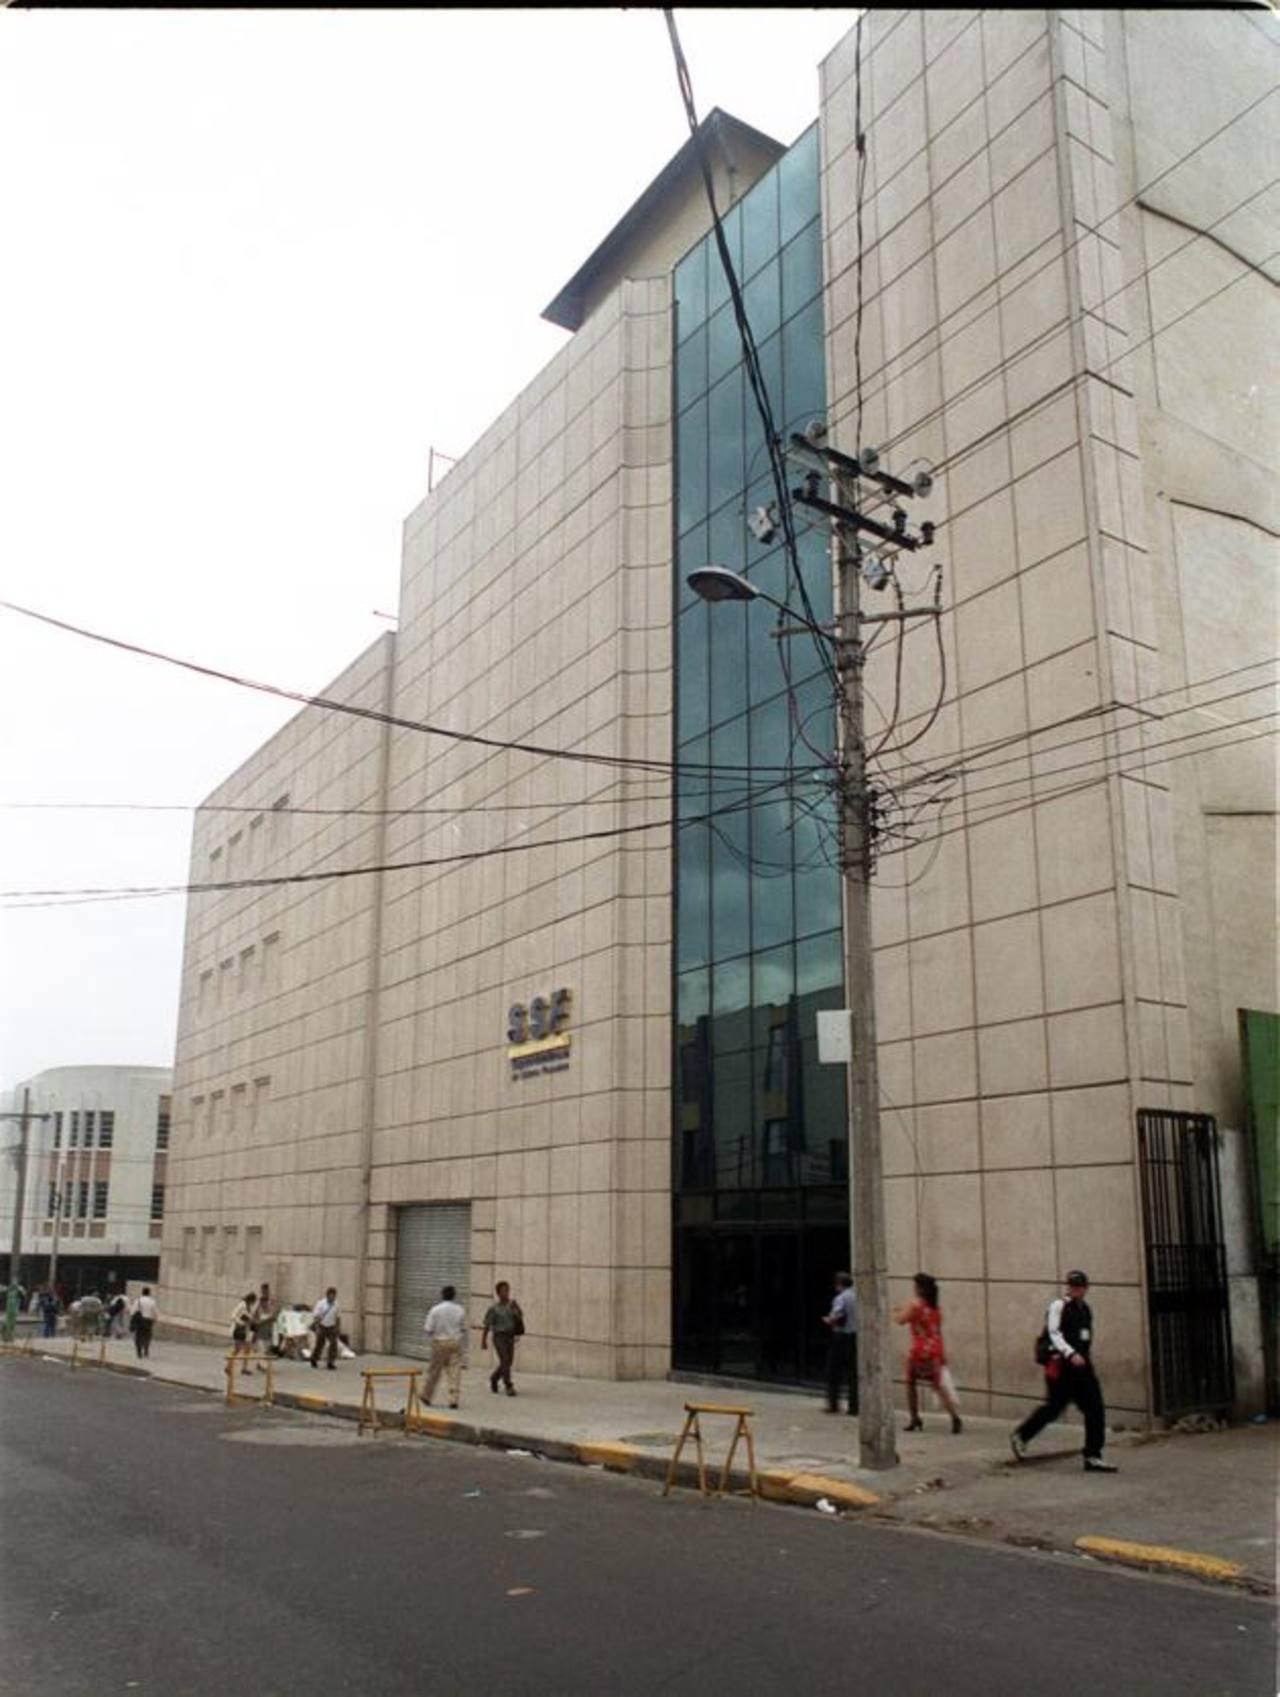 La Superintendencia del Sistema Financiero aprobó que Multivalores pueda iniciar operaciones de captación de depósitos del público en cuenta corriente a partir del 22 de diciembre.